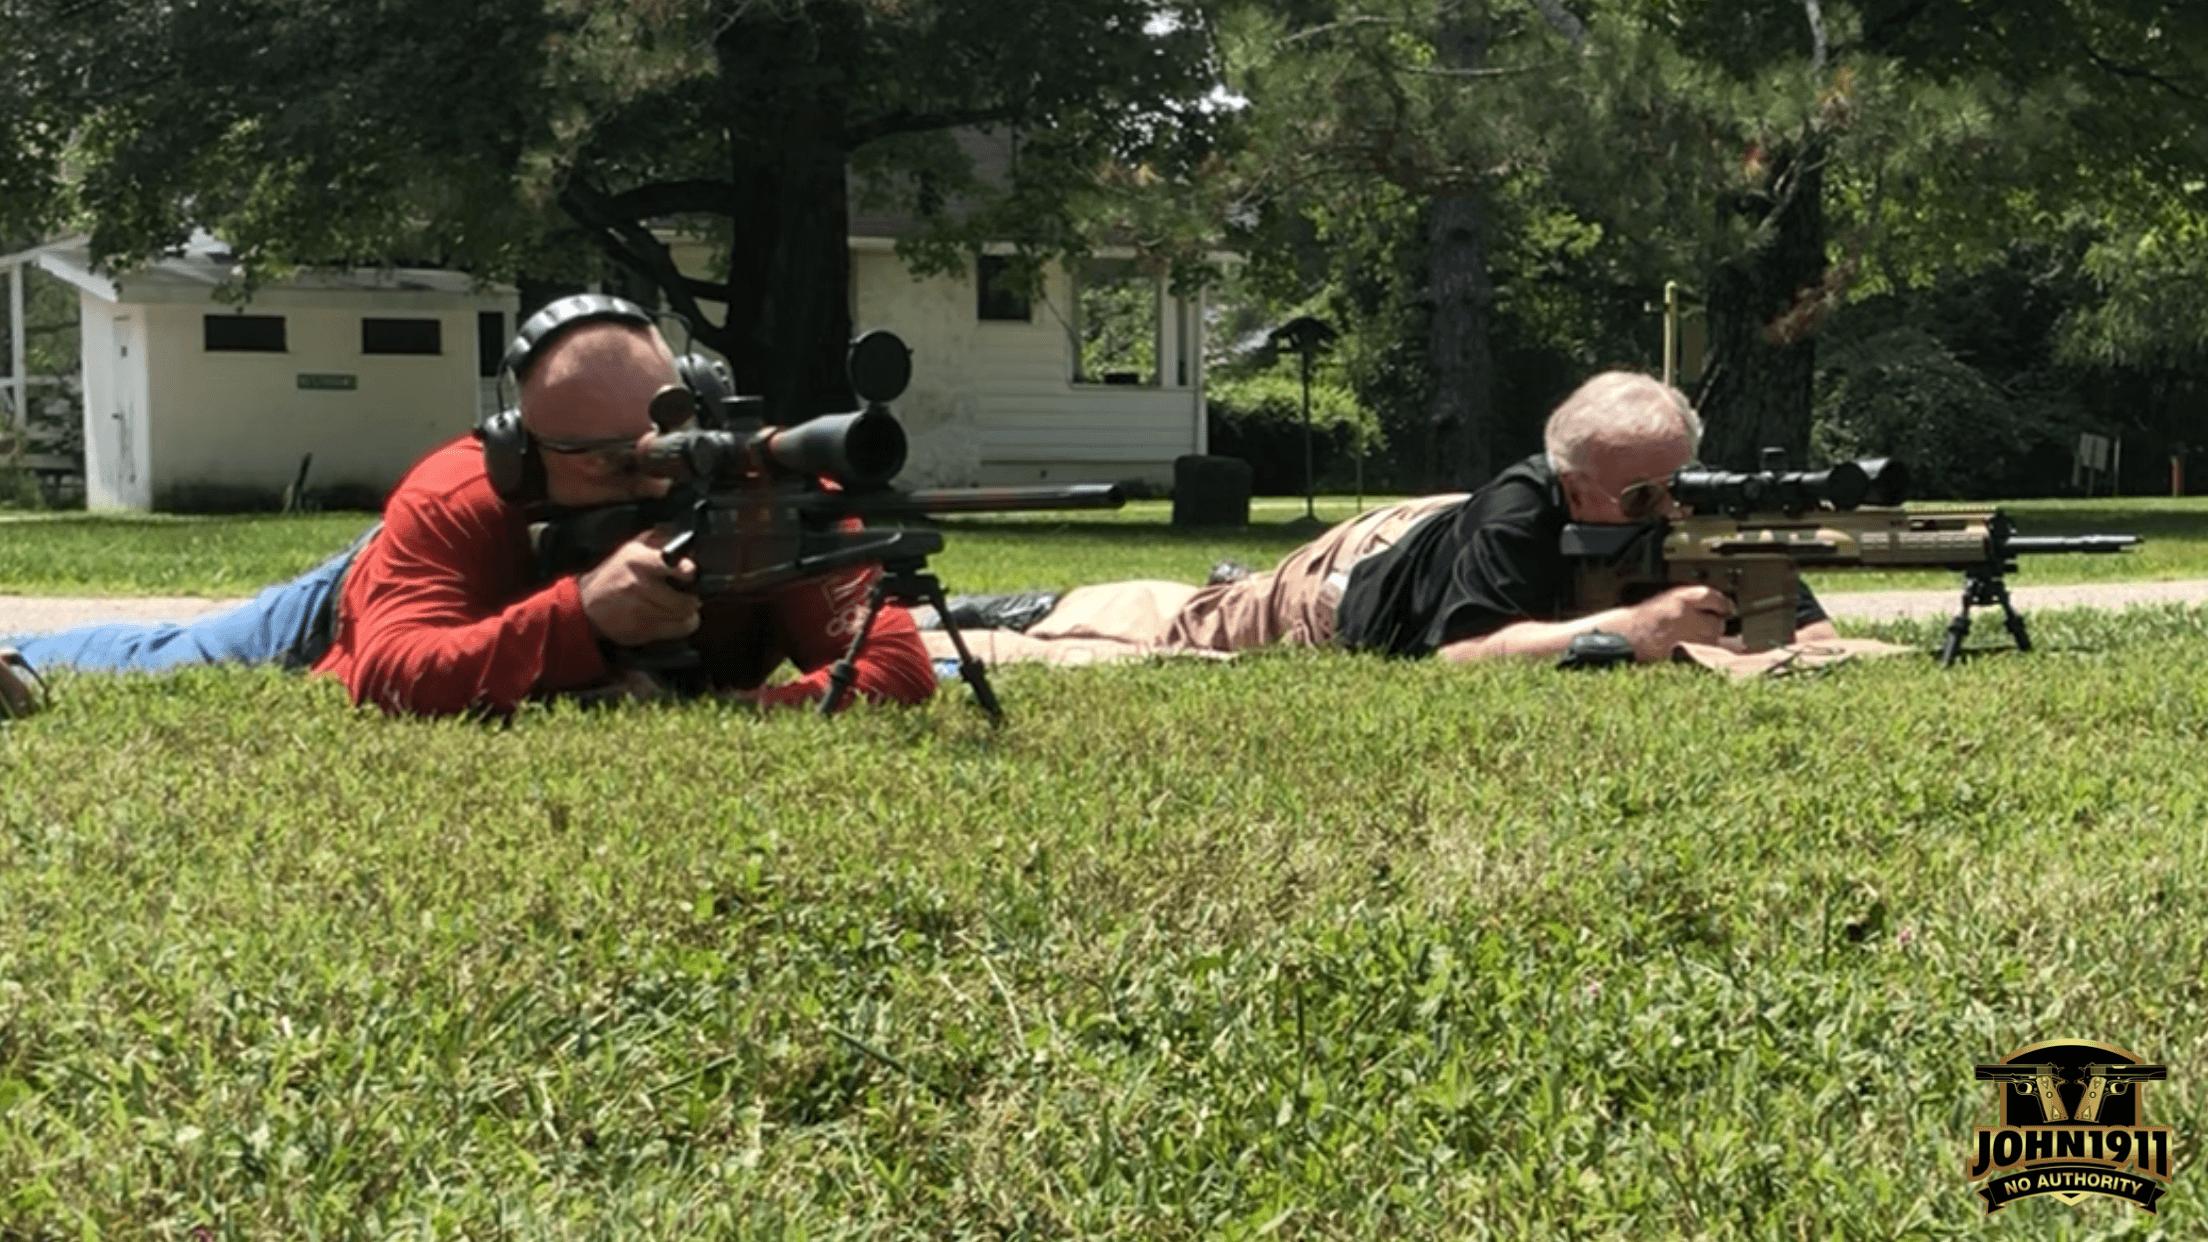 POTD - Timed Hostage Rescue Shot